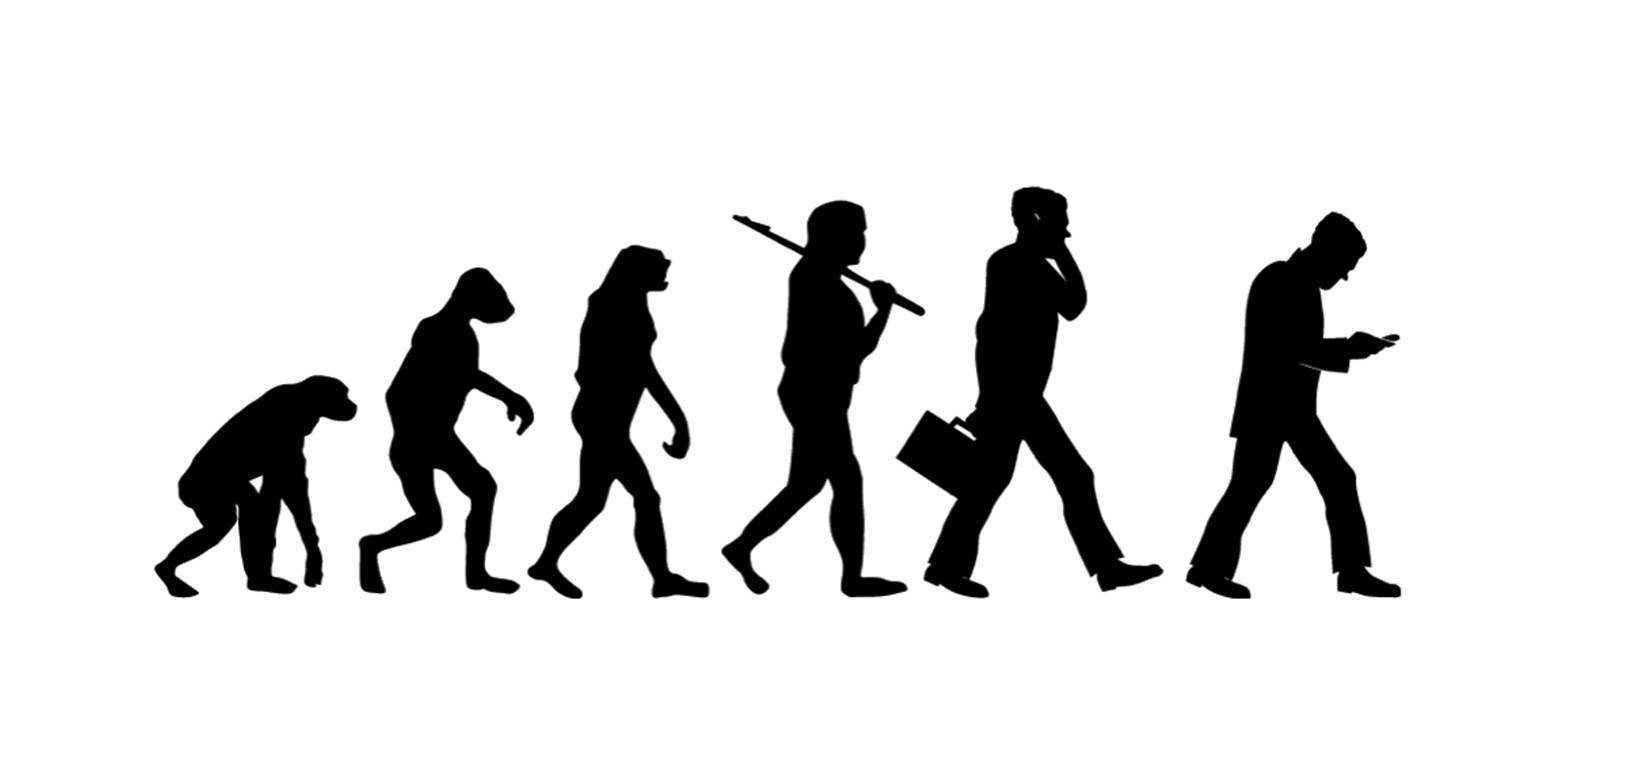 Evoltuion